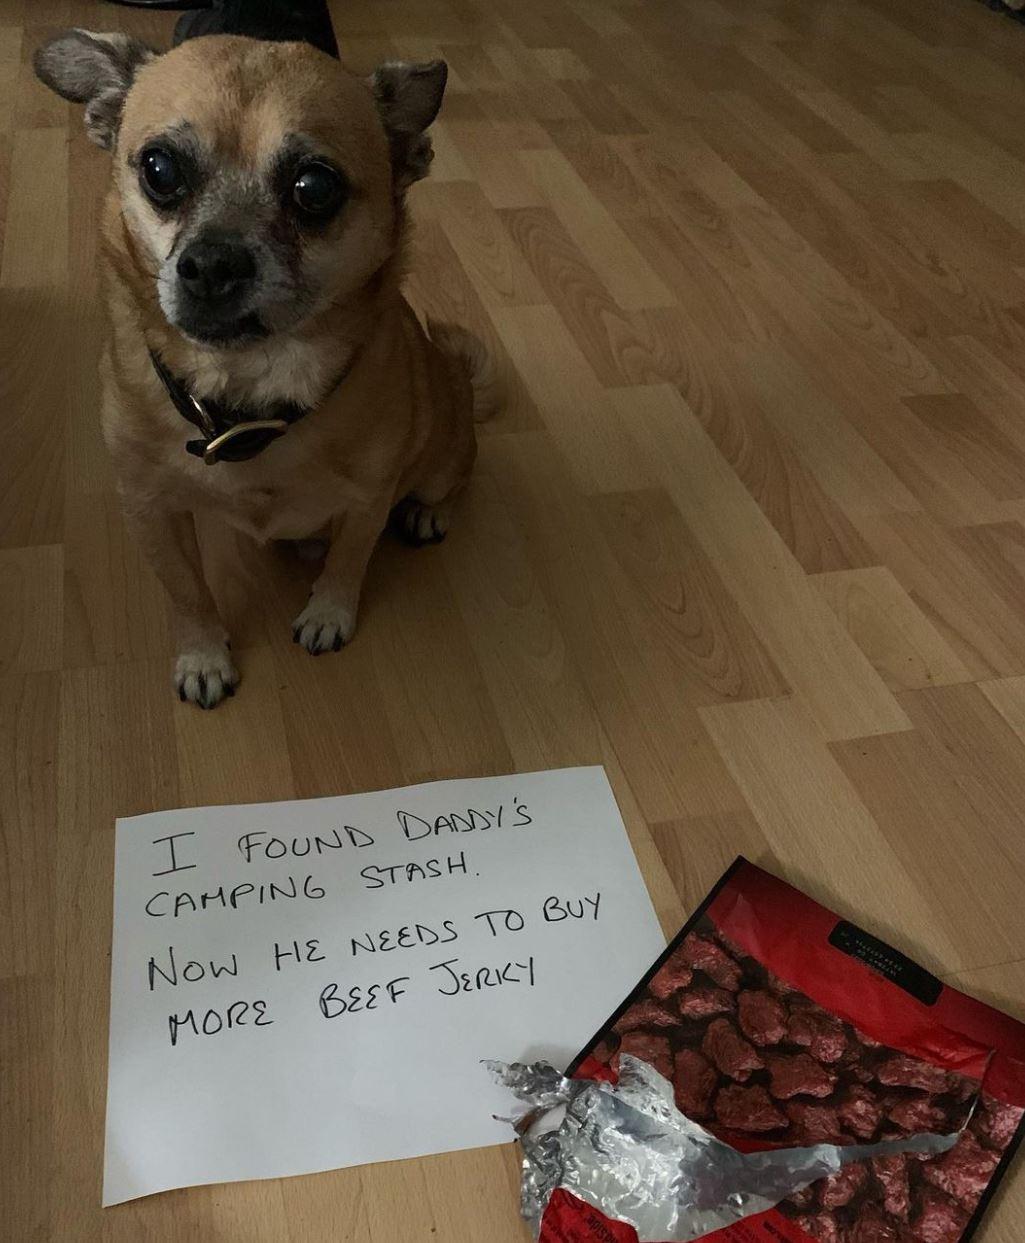 Small dog eats beef jerky